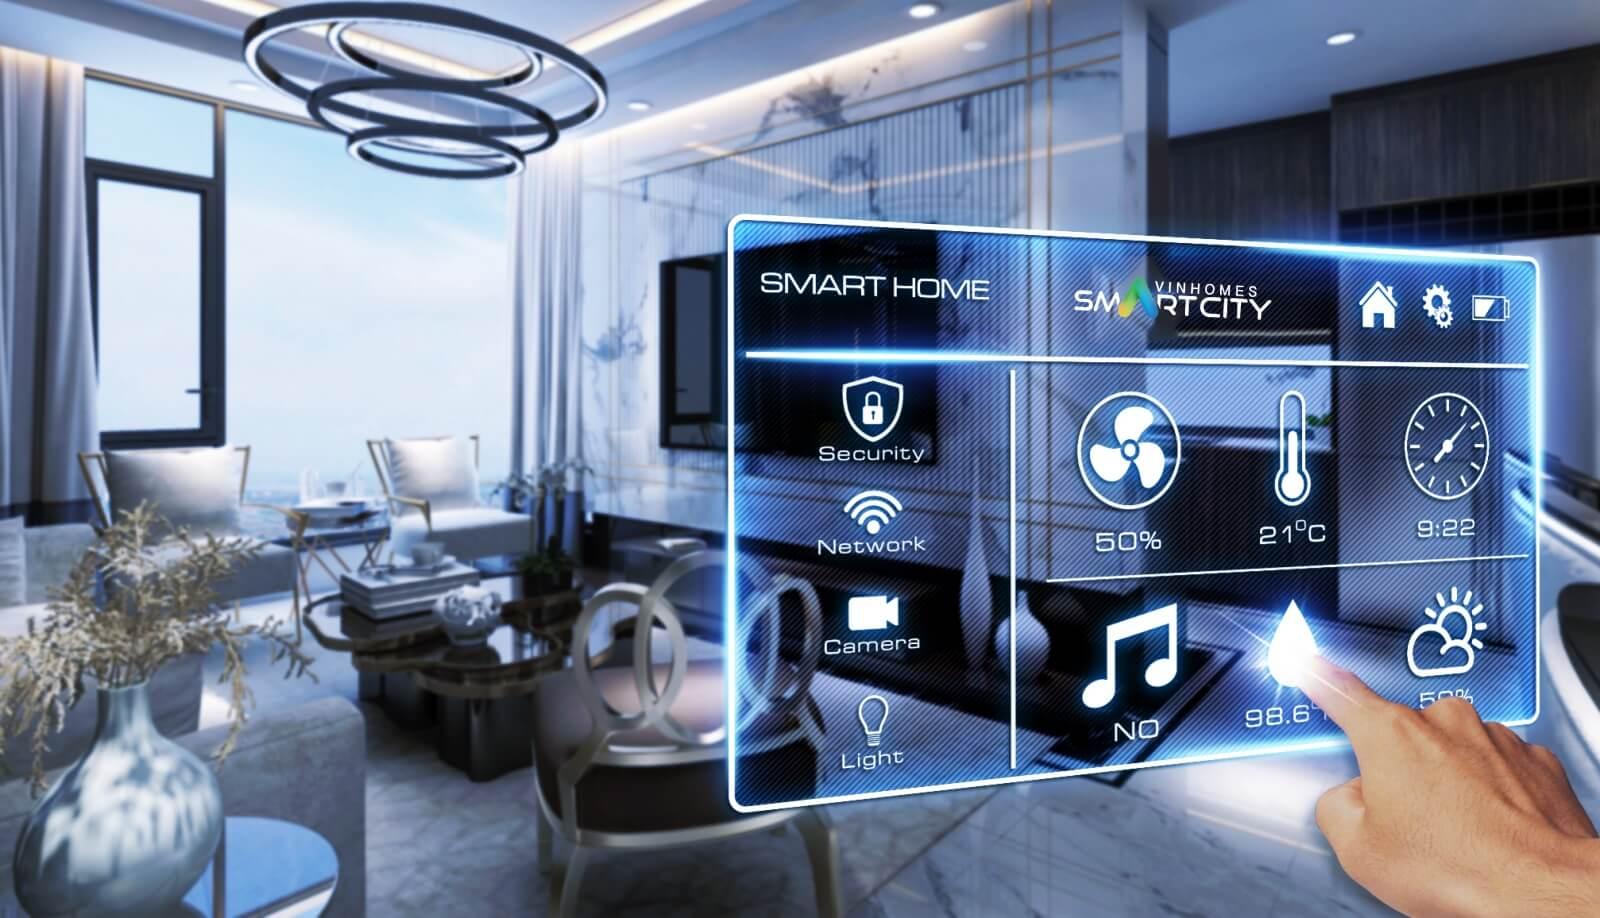 Vinhomes Smart City ứng dụng nhiều công nghệ hiện đại